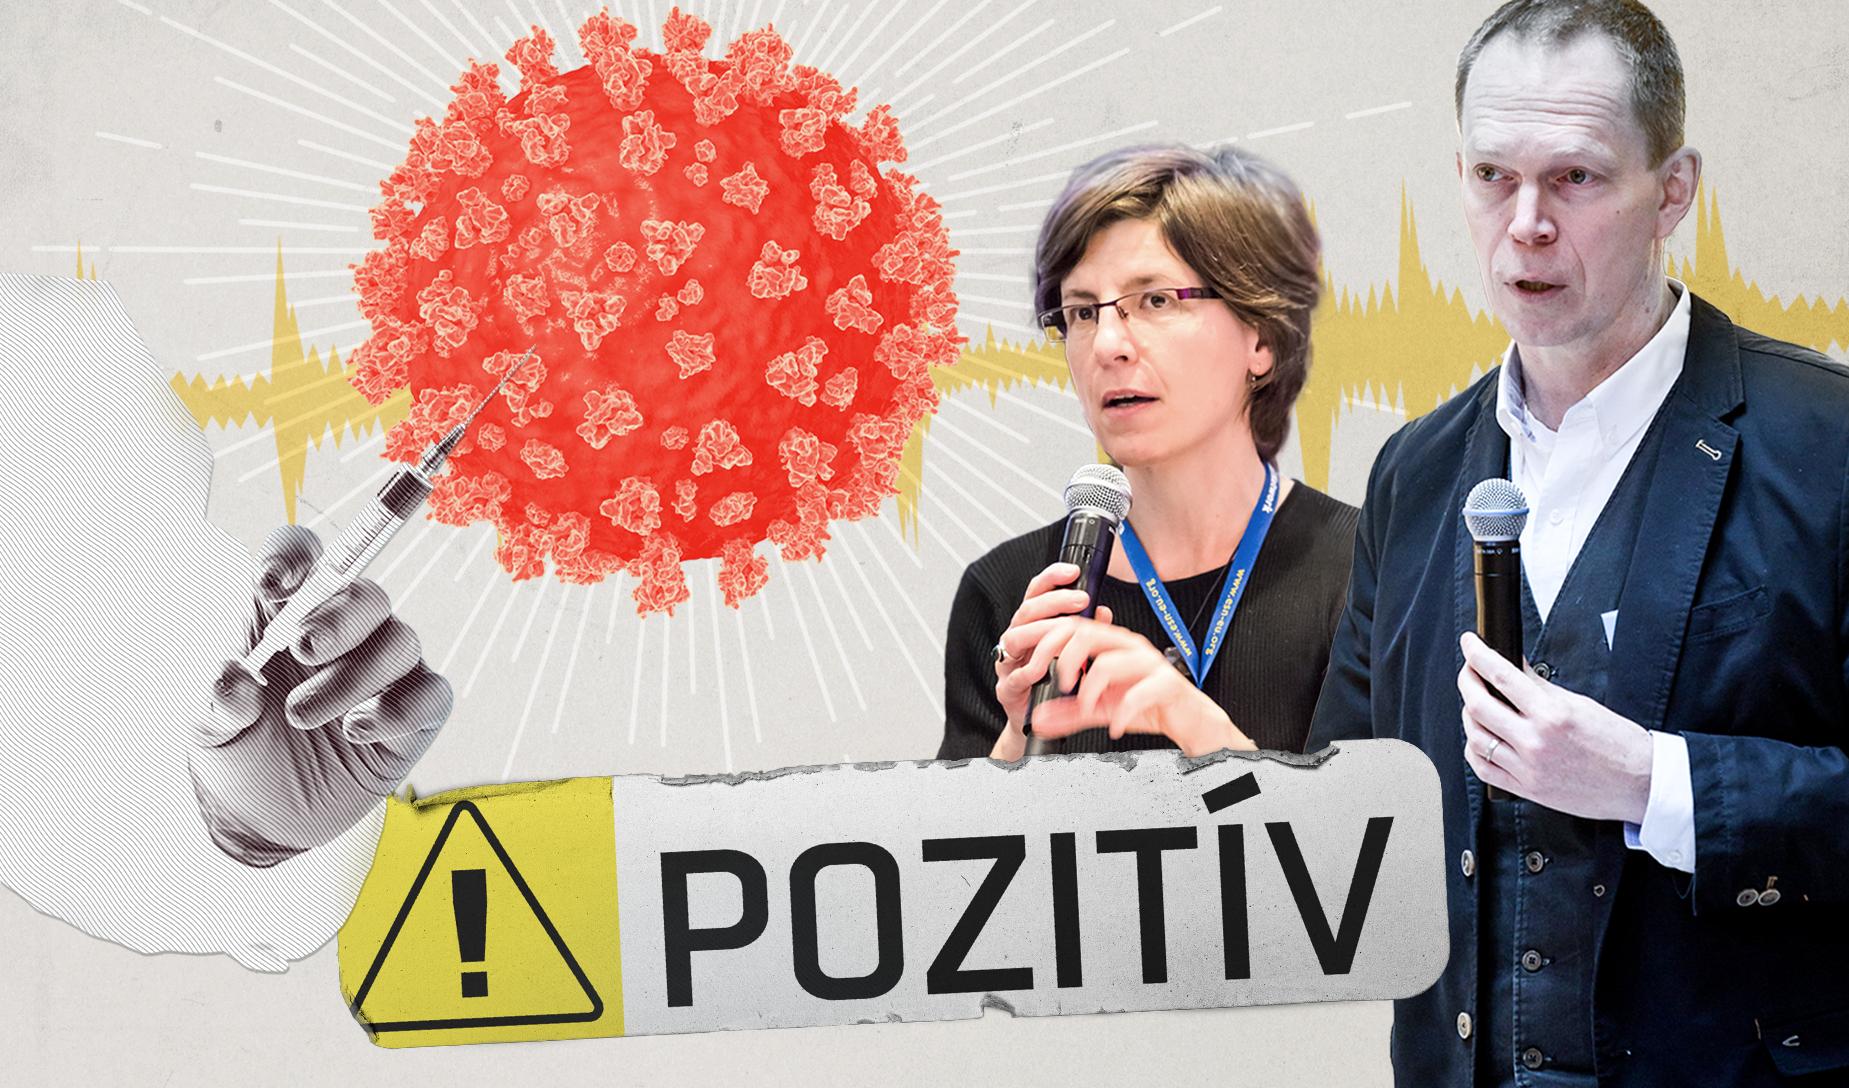 Nem csak a munkahelyek, a városok is átalakulnak majd a koronavírus-járvány után